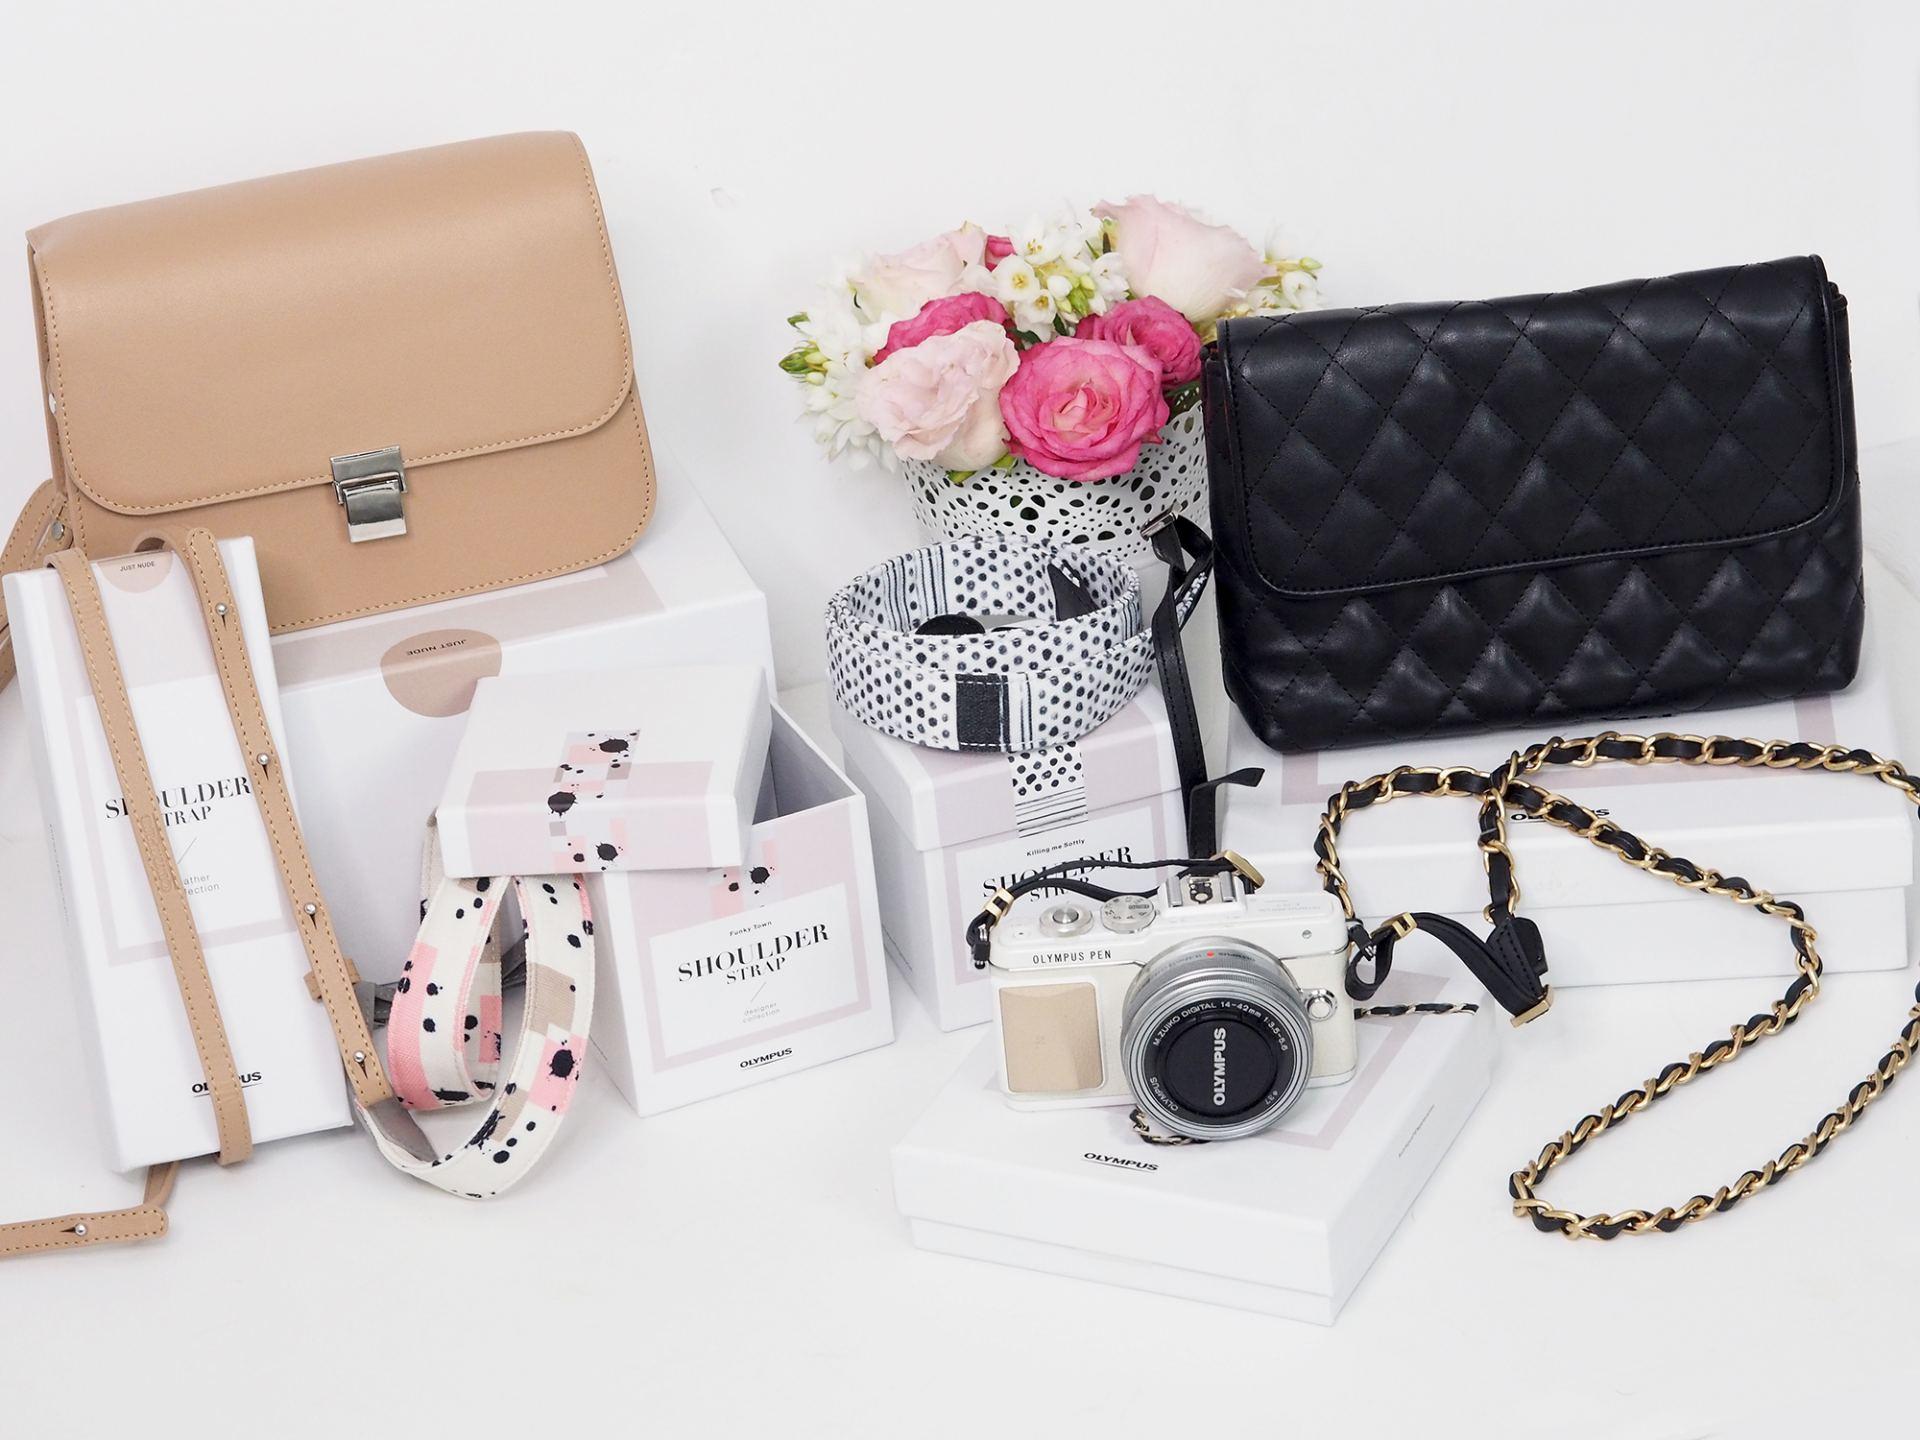 olympus pen camera accessories